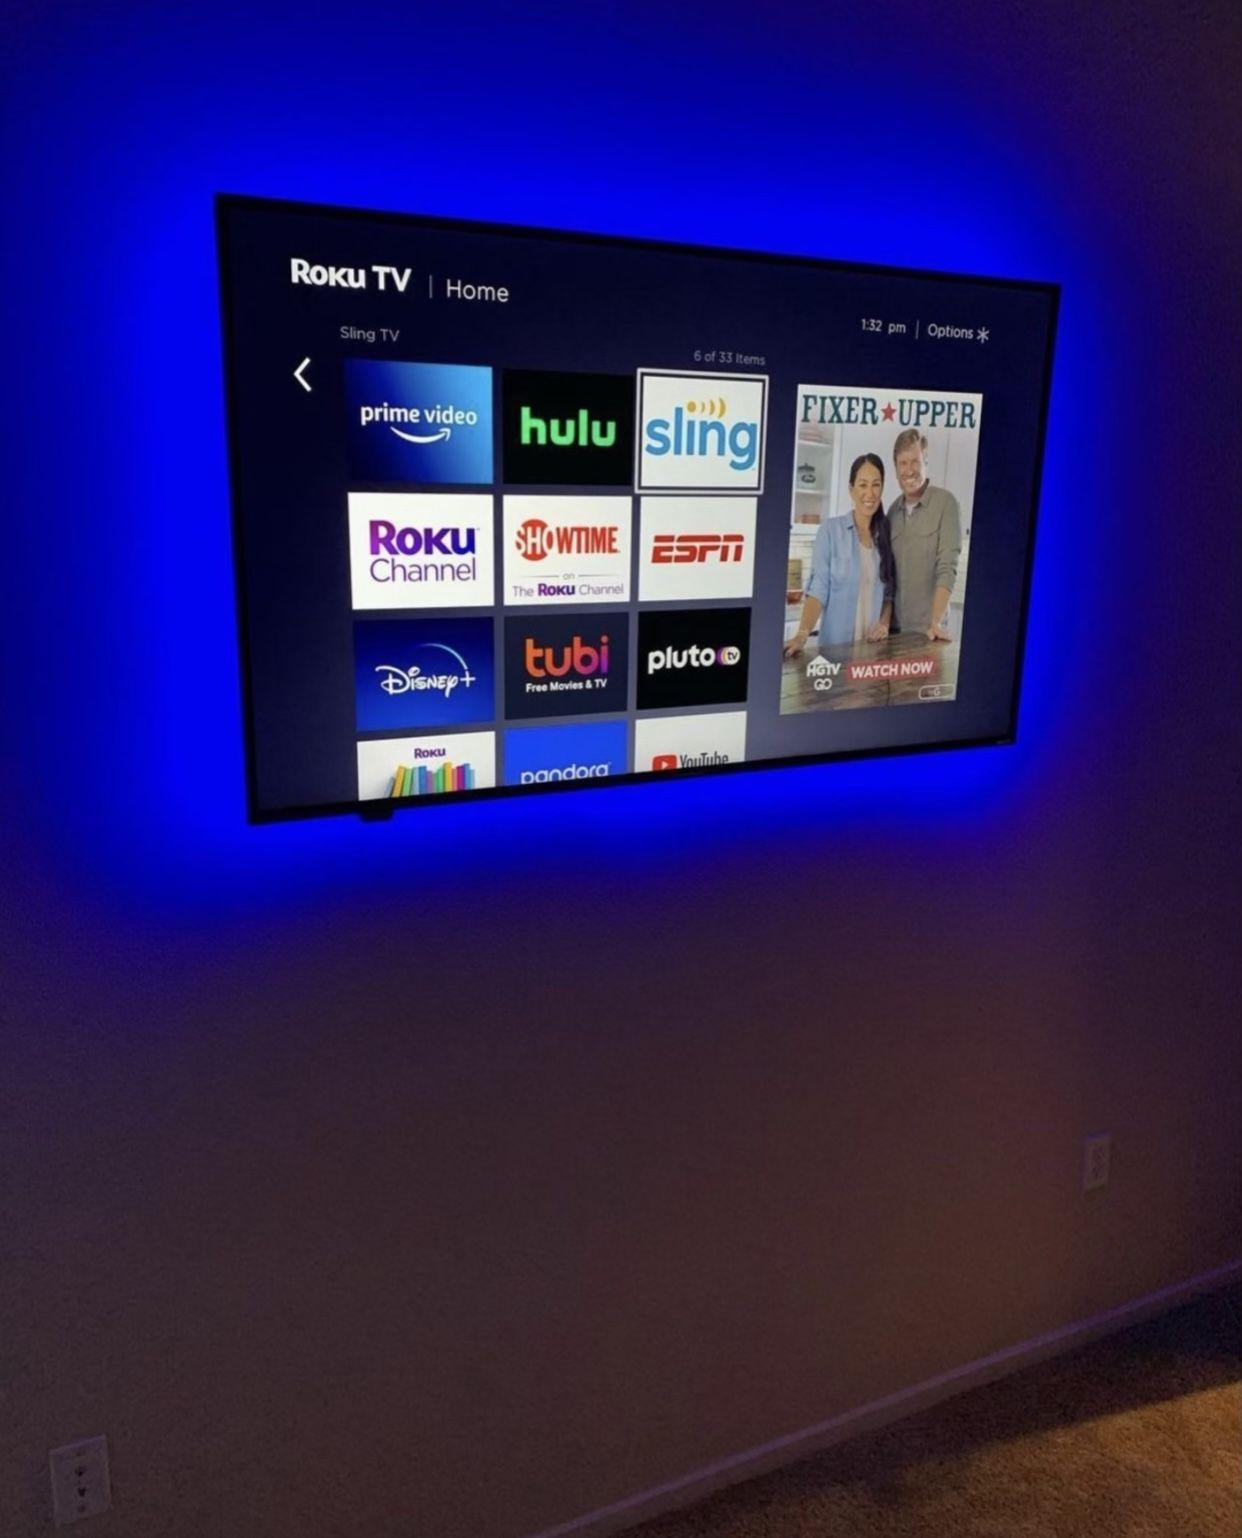 TV MOUNT I N S T A L L A T I O N / TELEVISION MOUNTING S E R V I C E S New Universal swivel tilt adjustable full motion wall bracket